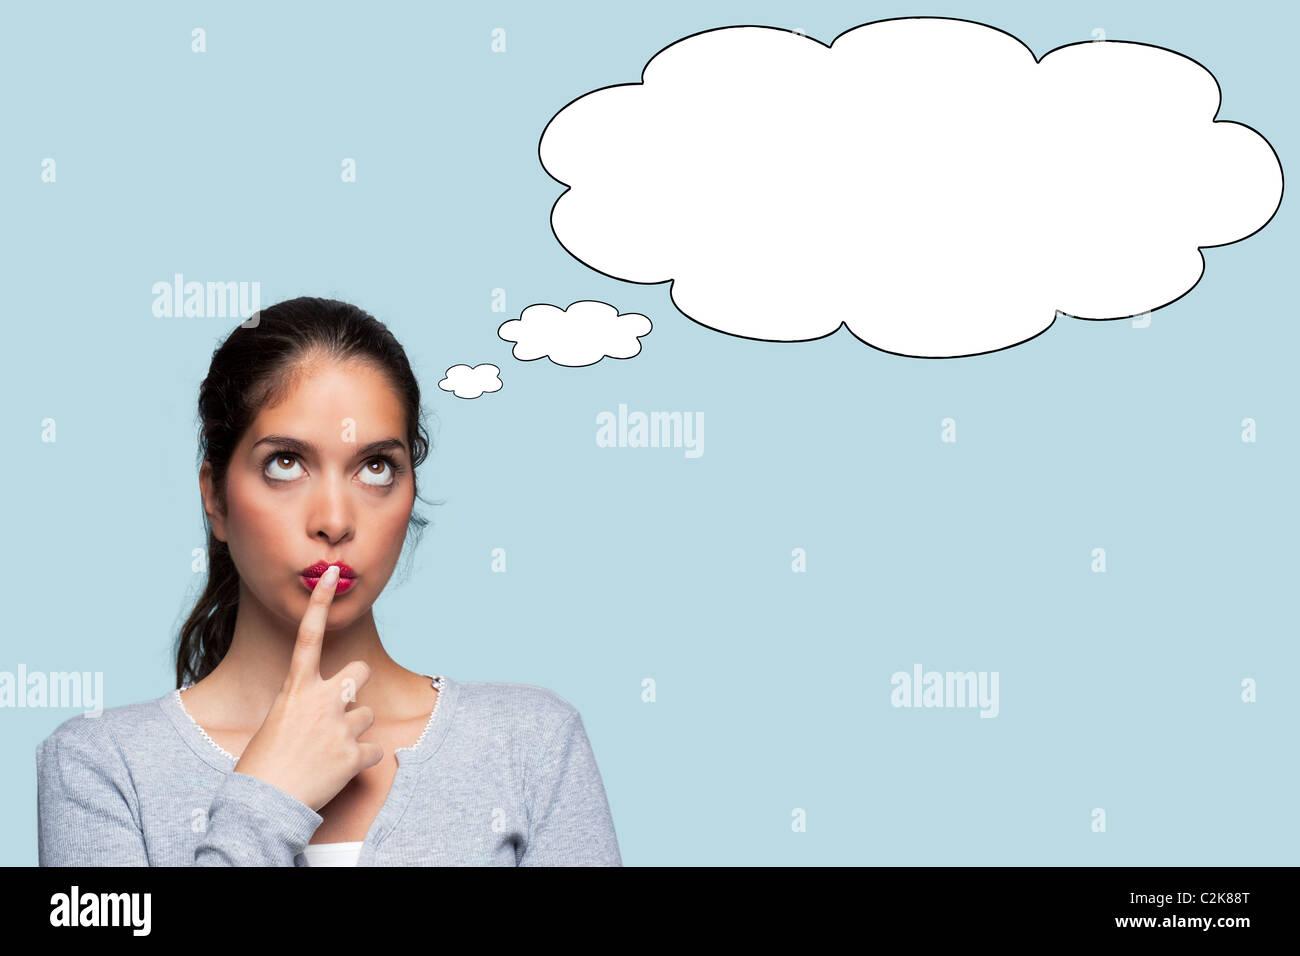 Foto di una donna con una espressione pensosa, bolle di pensiero per aggiungere il proprio testo o immagine. Immagini Stock